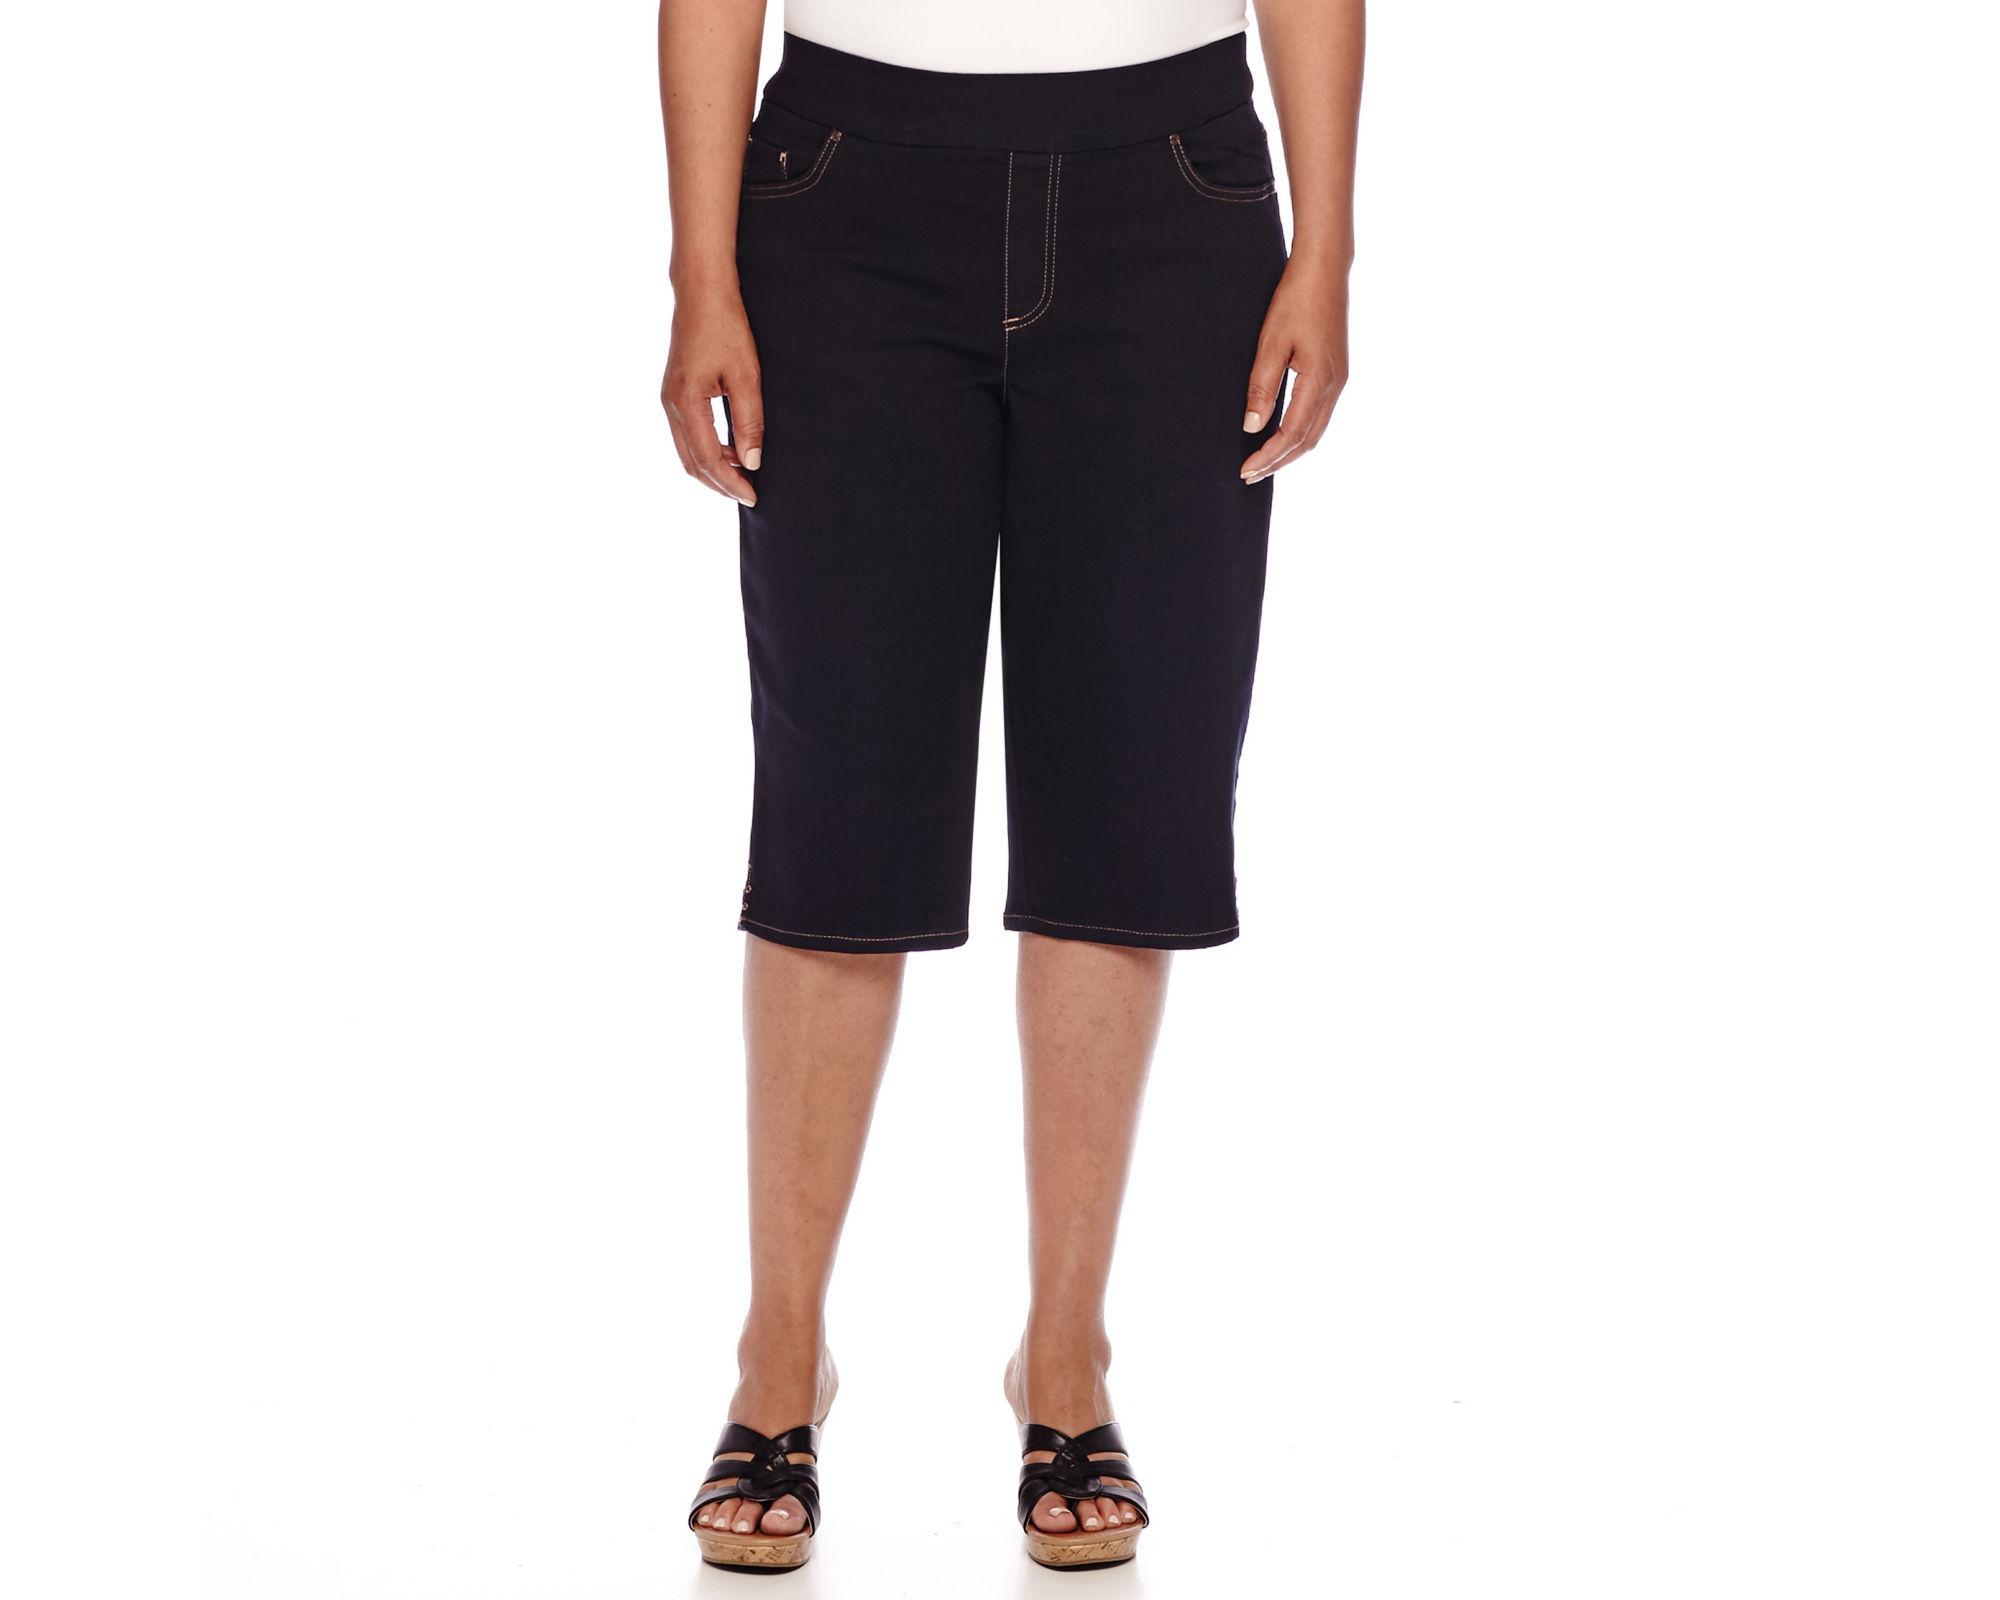 Gloria Vanderbilt Avery Pull On Skimmer Pants - Plus